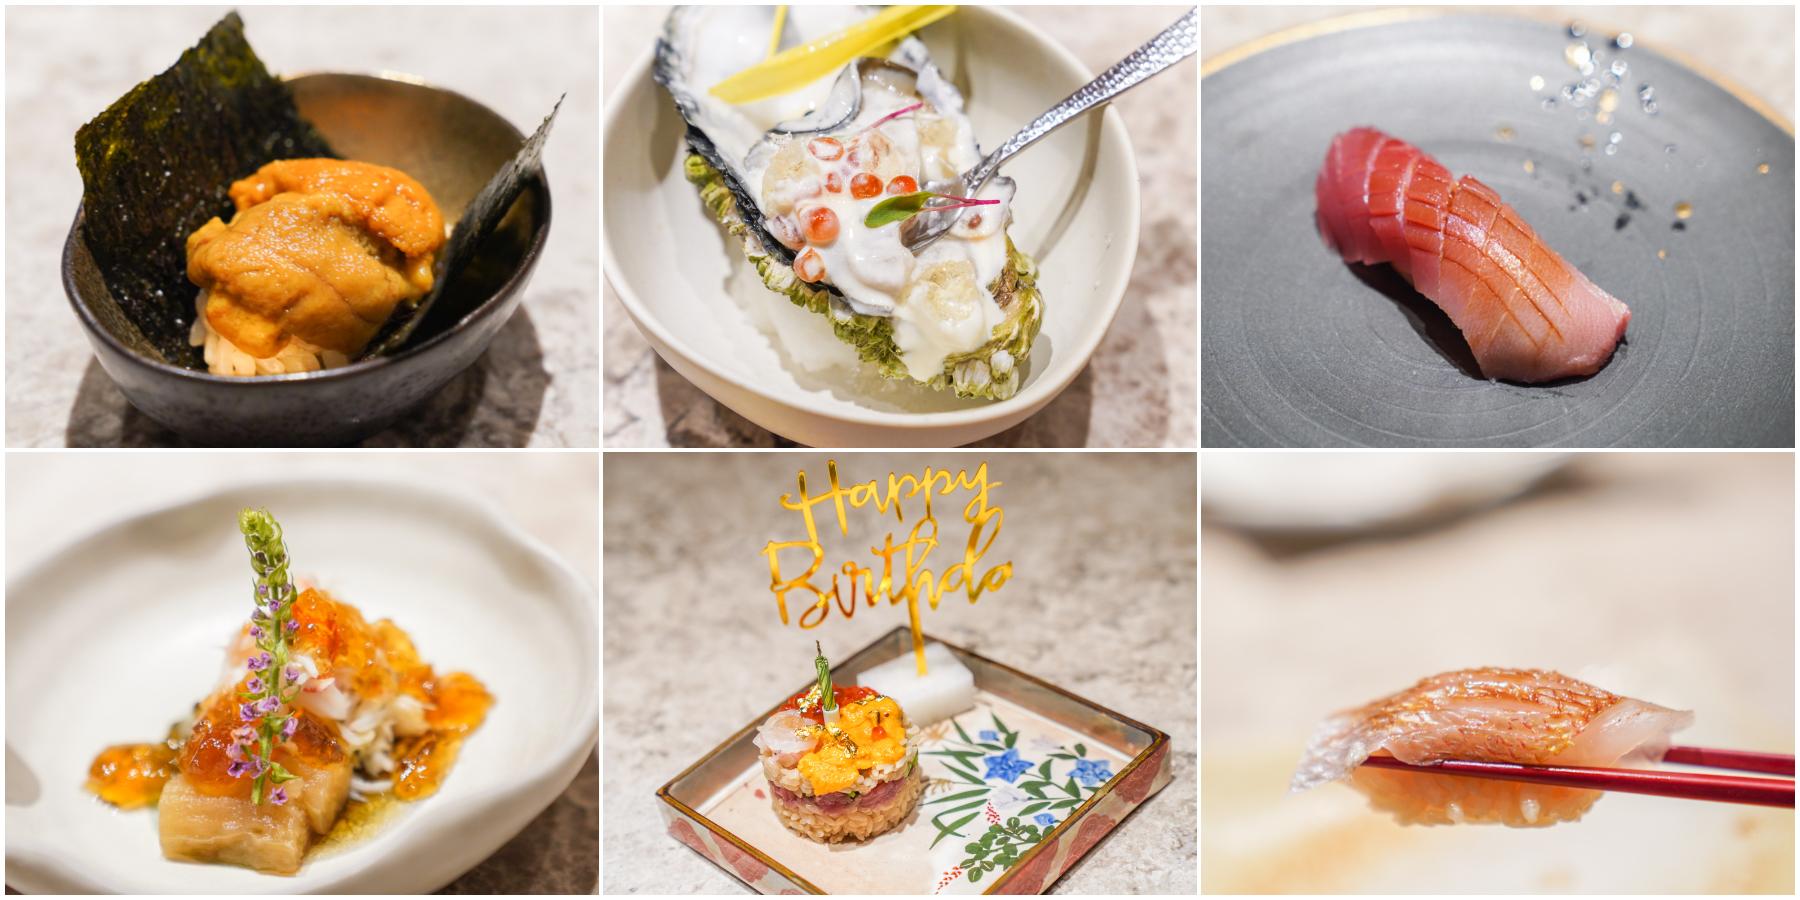 台北無菜單日本料理 專人服務包廂、台北慶生約會餐廳、海膽生日蛋糕『二階割烹 Nikai』價格、預約制無菜單推薦 @梅格(Angelababy)享樂日記